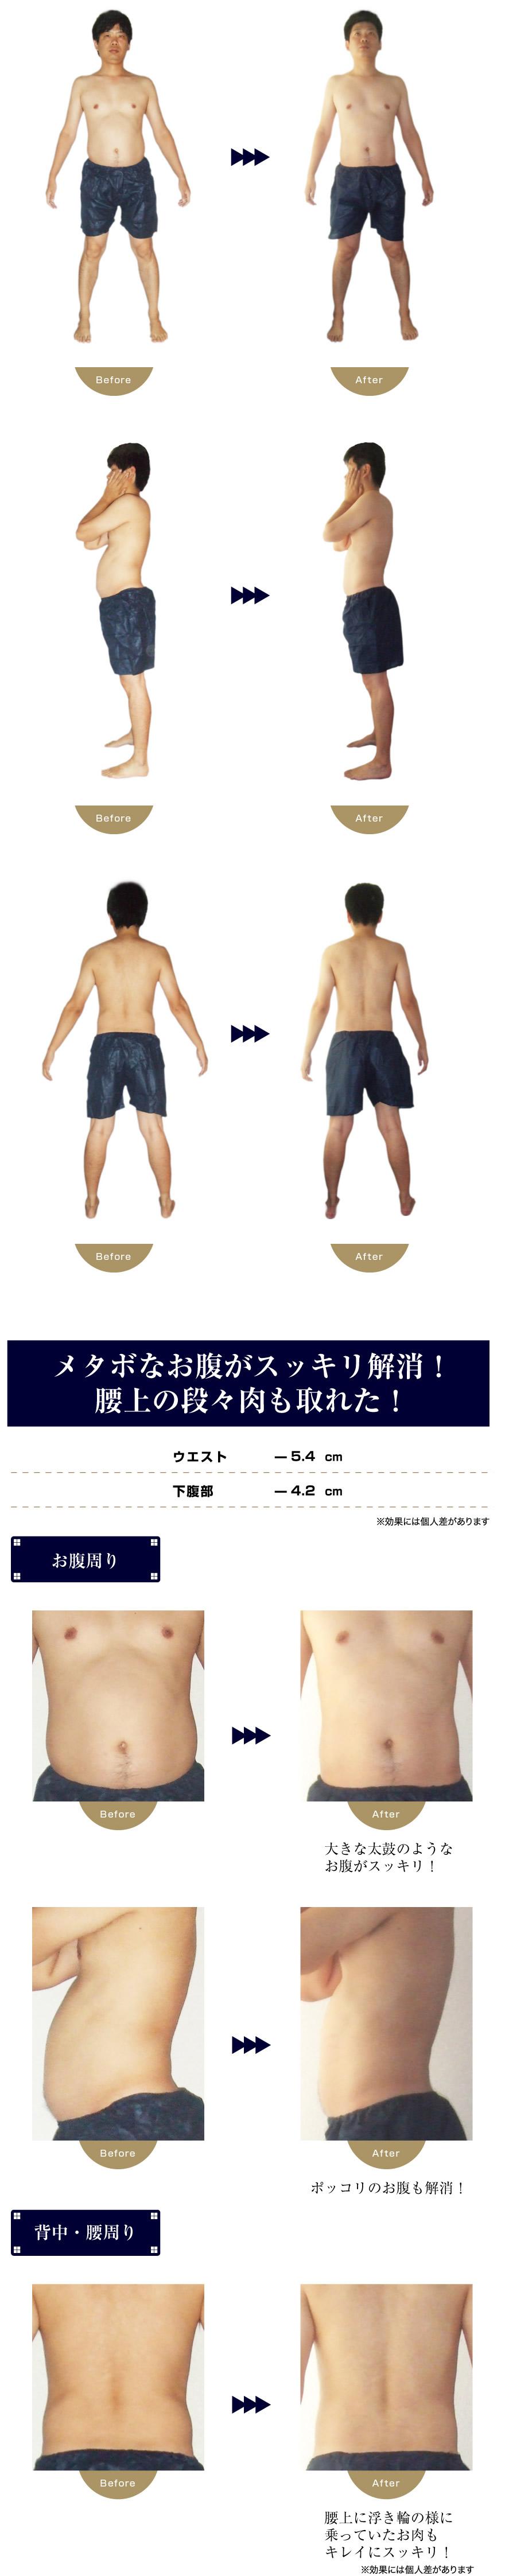 02:渡辺隆様